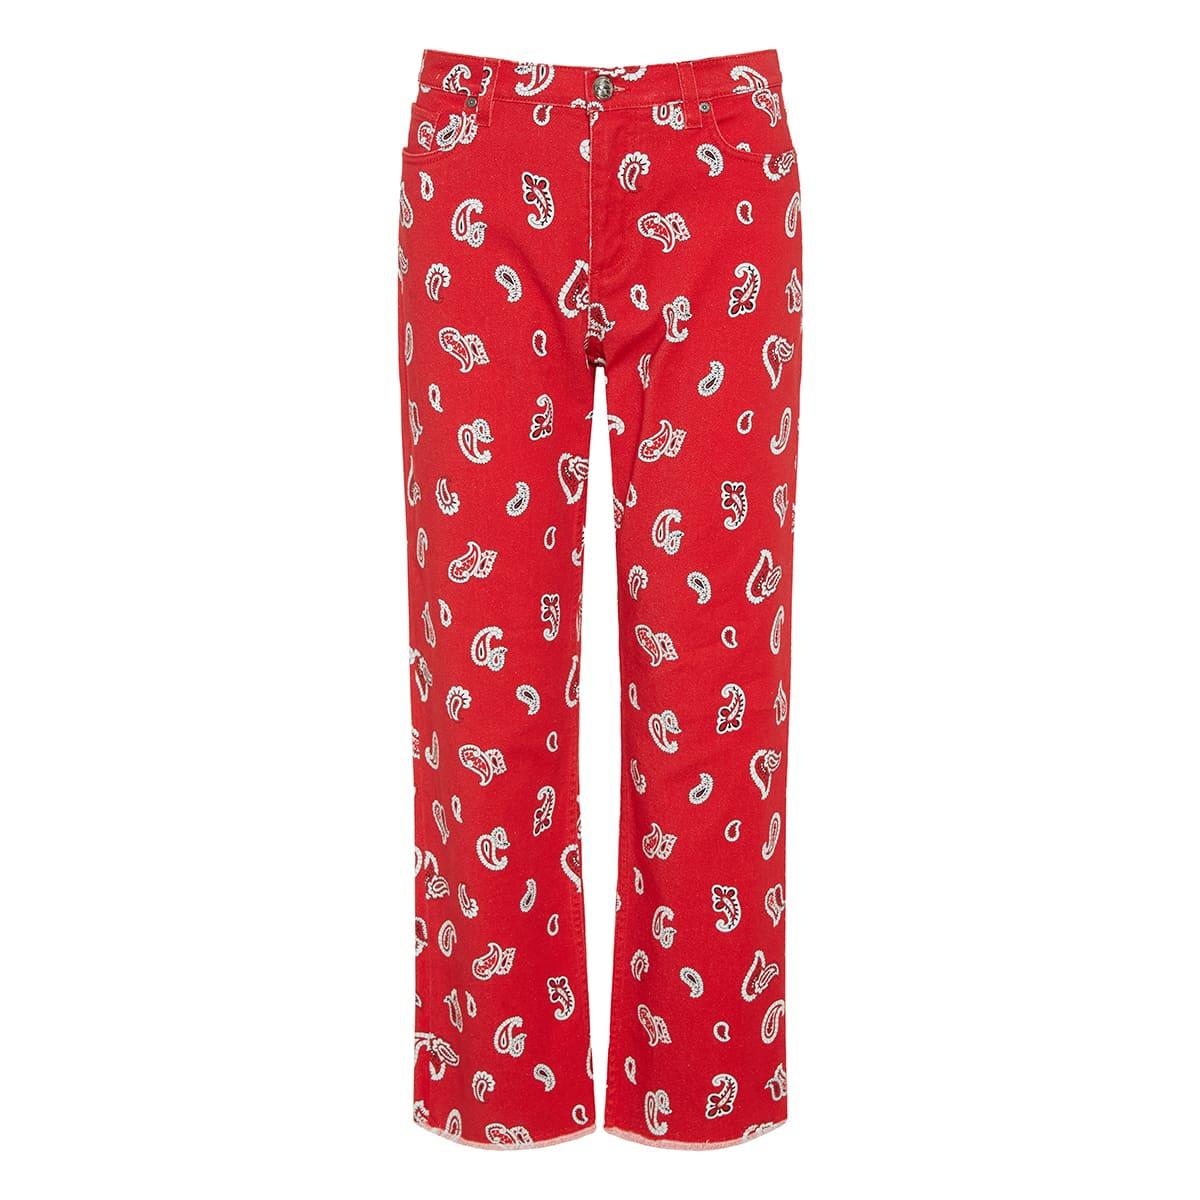 Paisley printed denim trousers